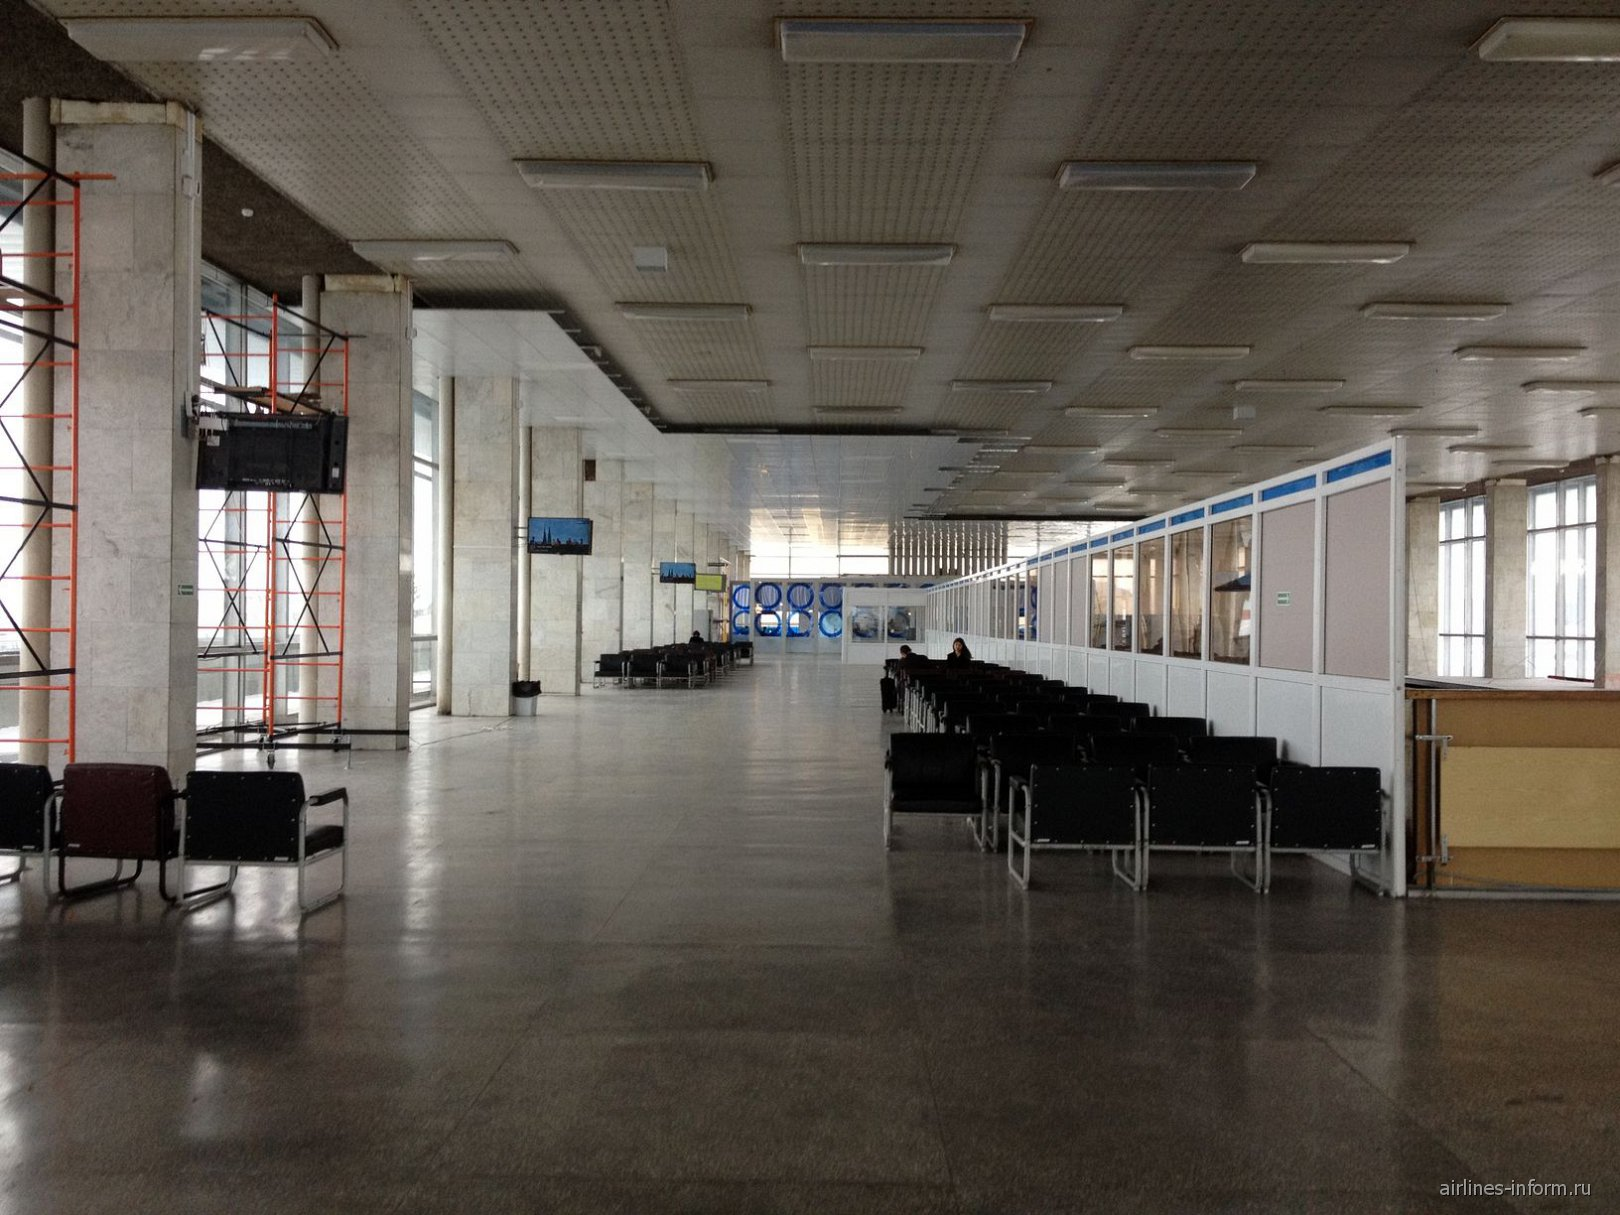 Зал ожидания на 2-м этаже аэровокзала аэропорта Волгограда